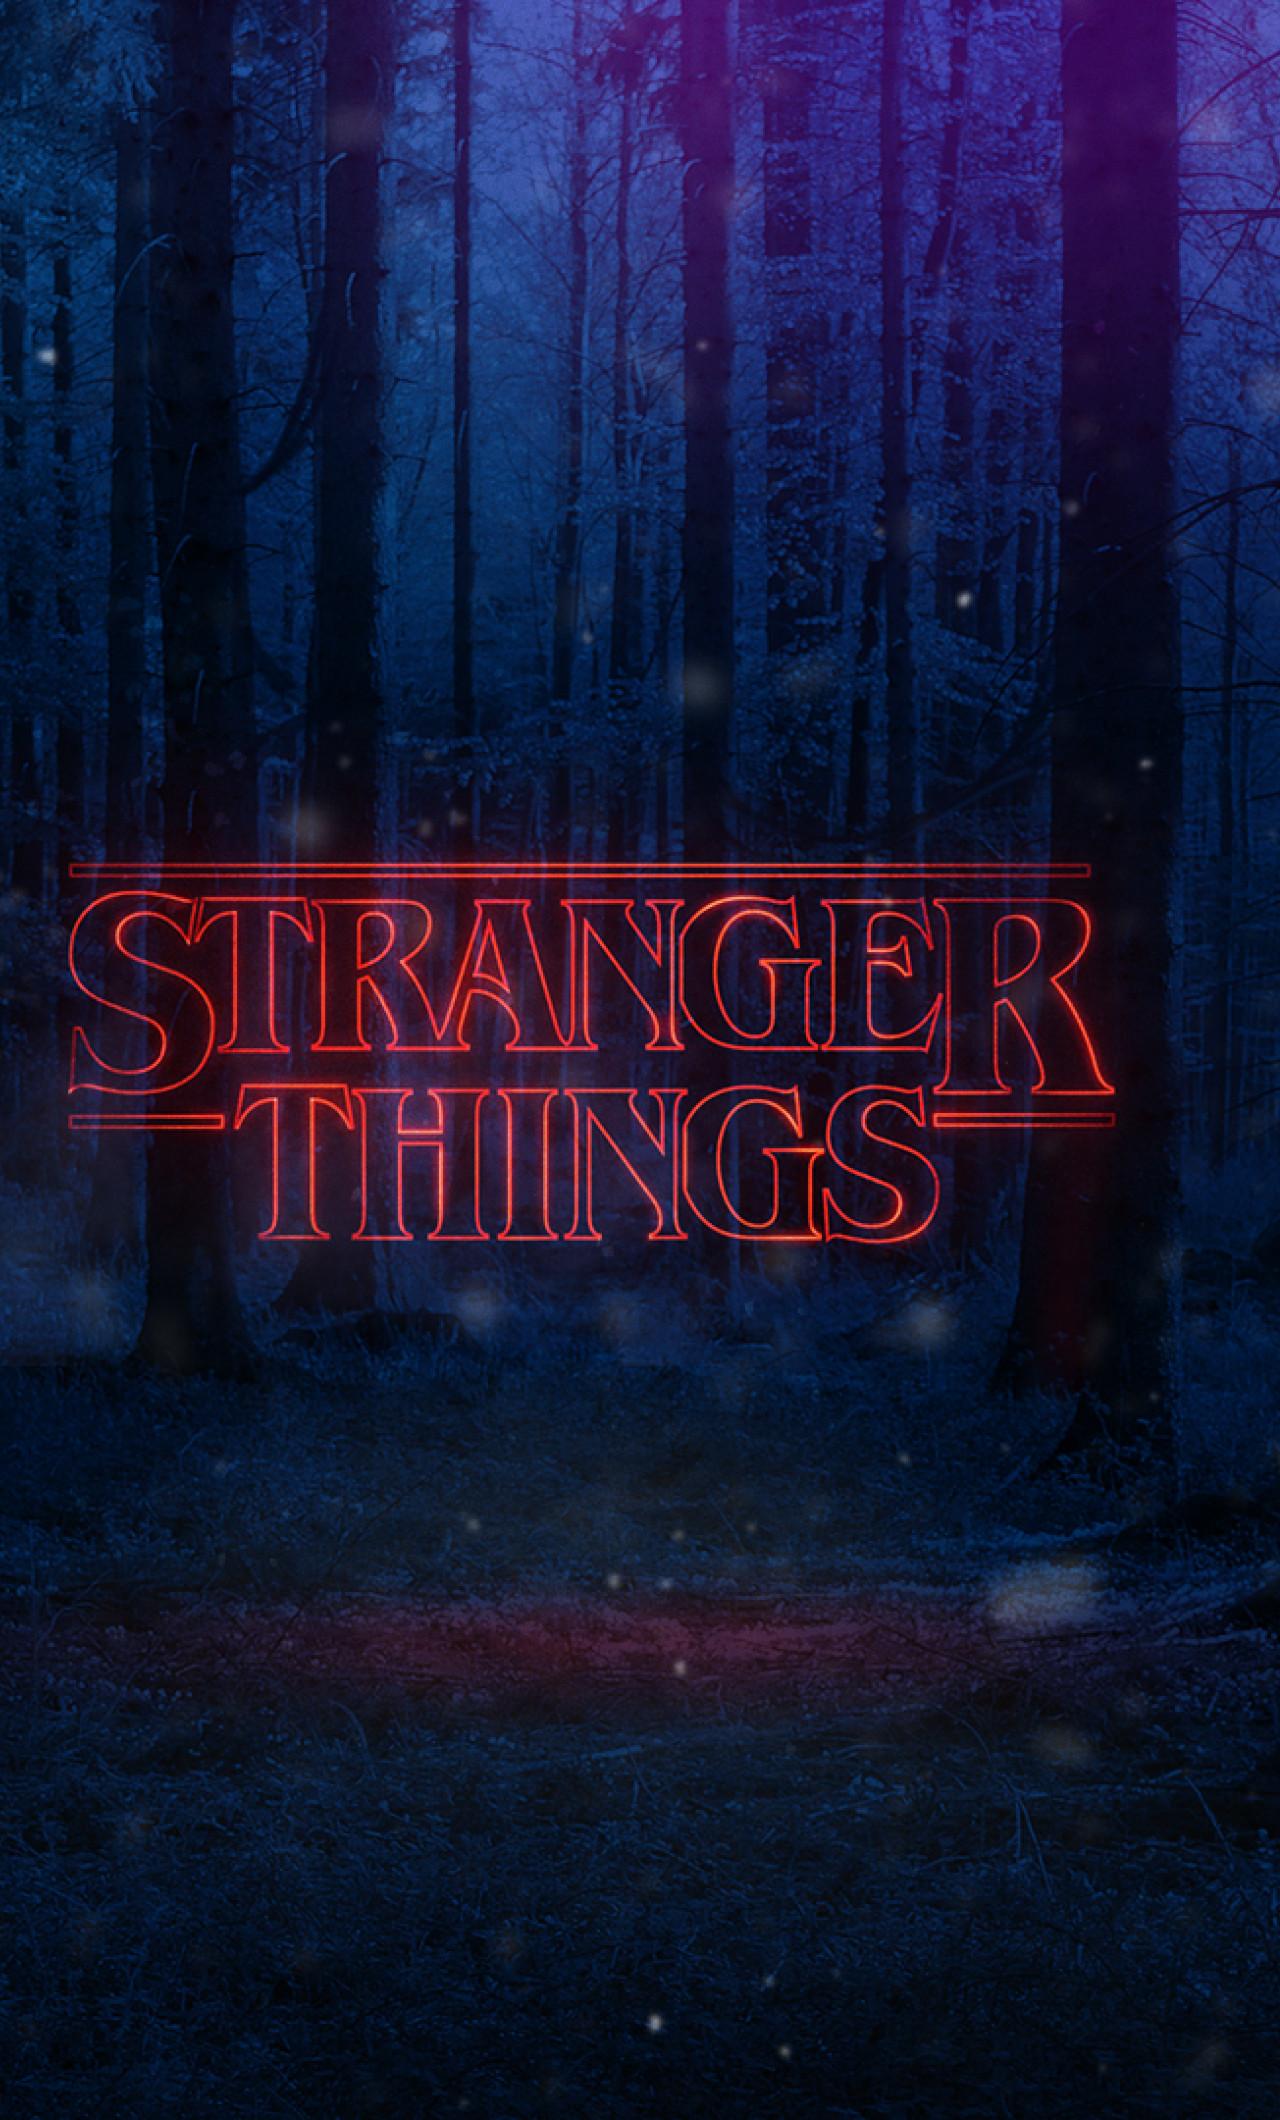 Stranger things wallpapers 73 images - Stranger things desktop wallpaper ...